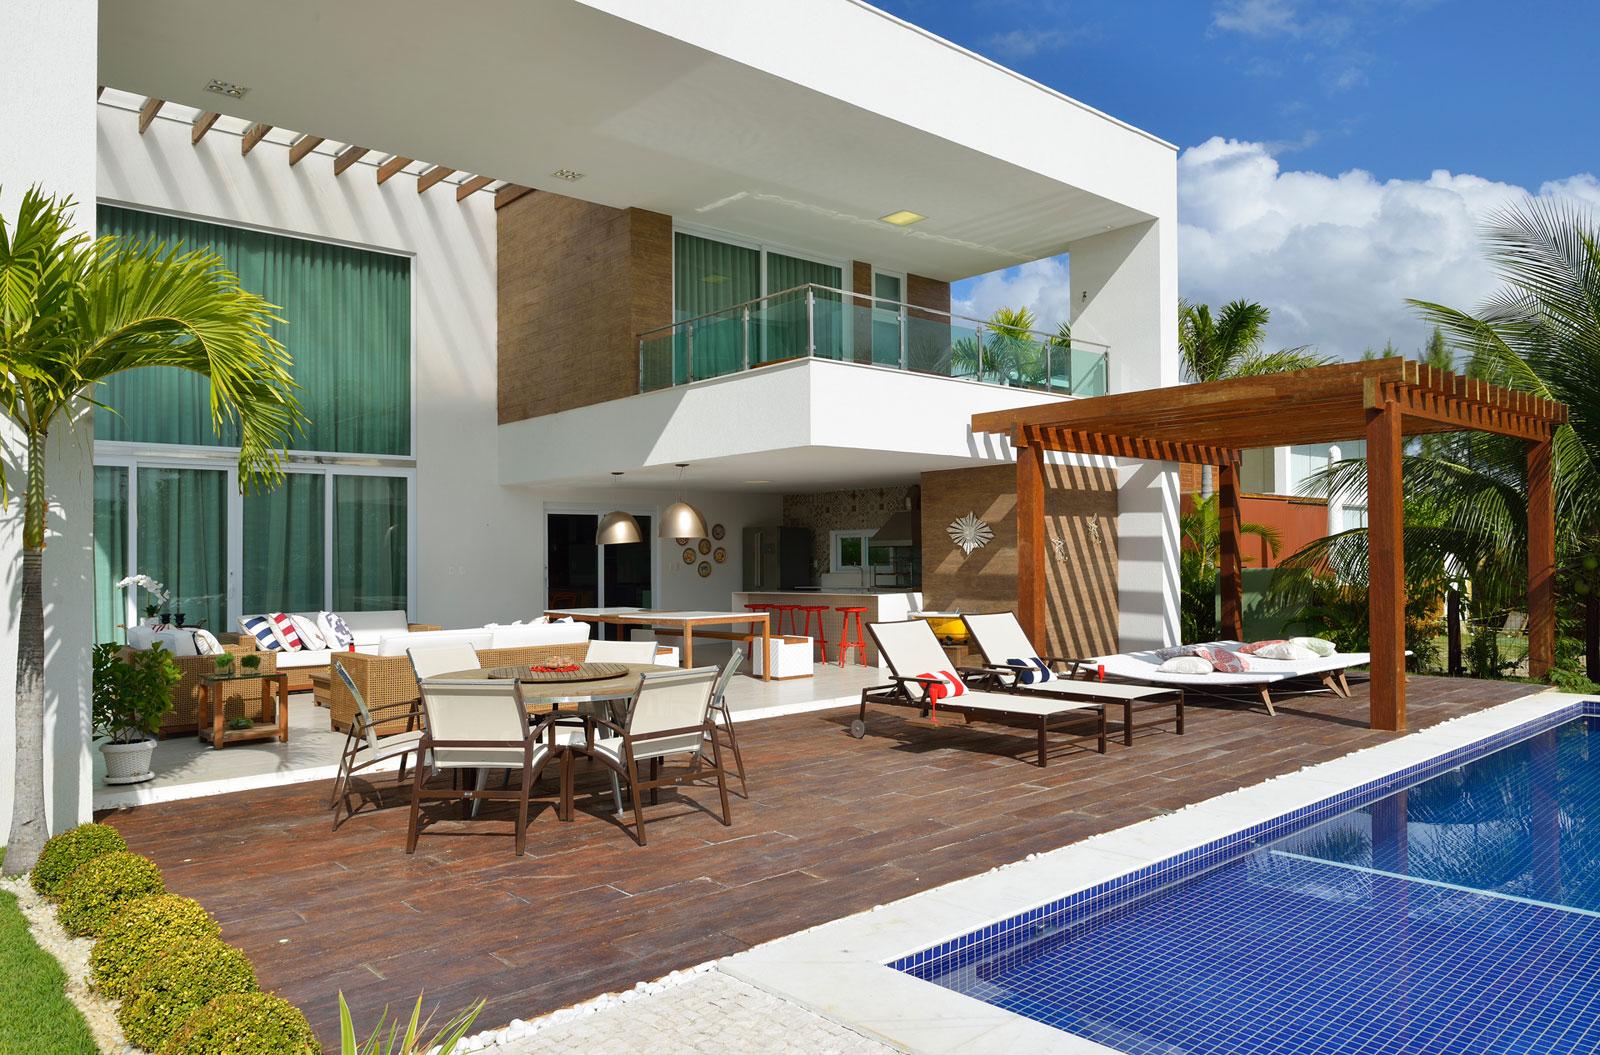 Bahia Beach Residence by Pinheiro Martinez Arquitetura-04